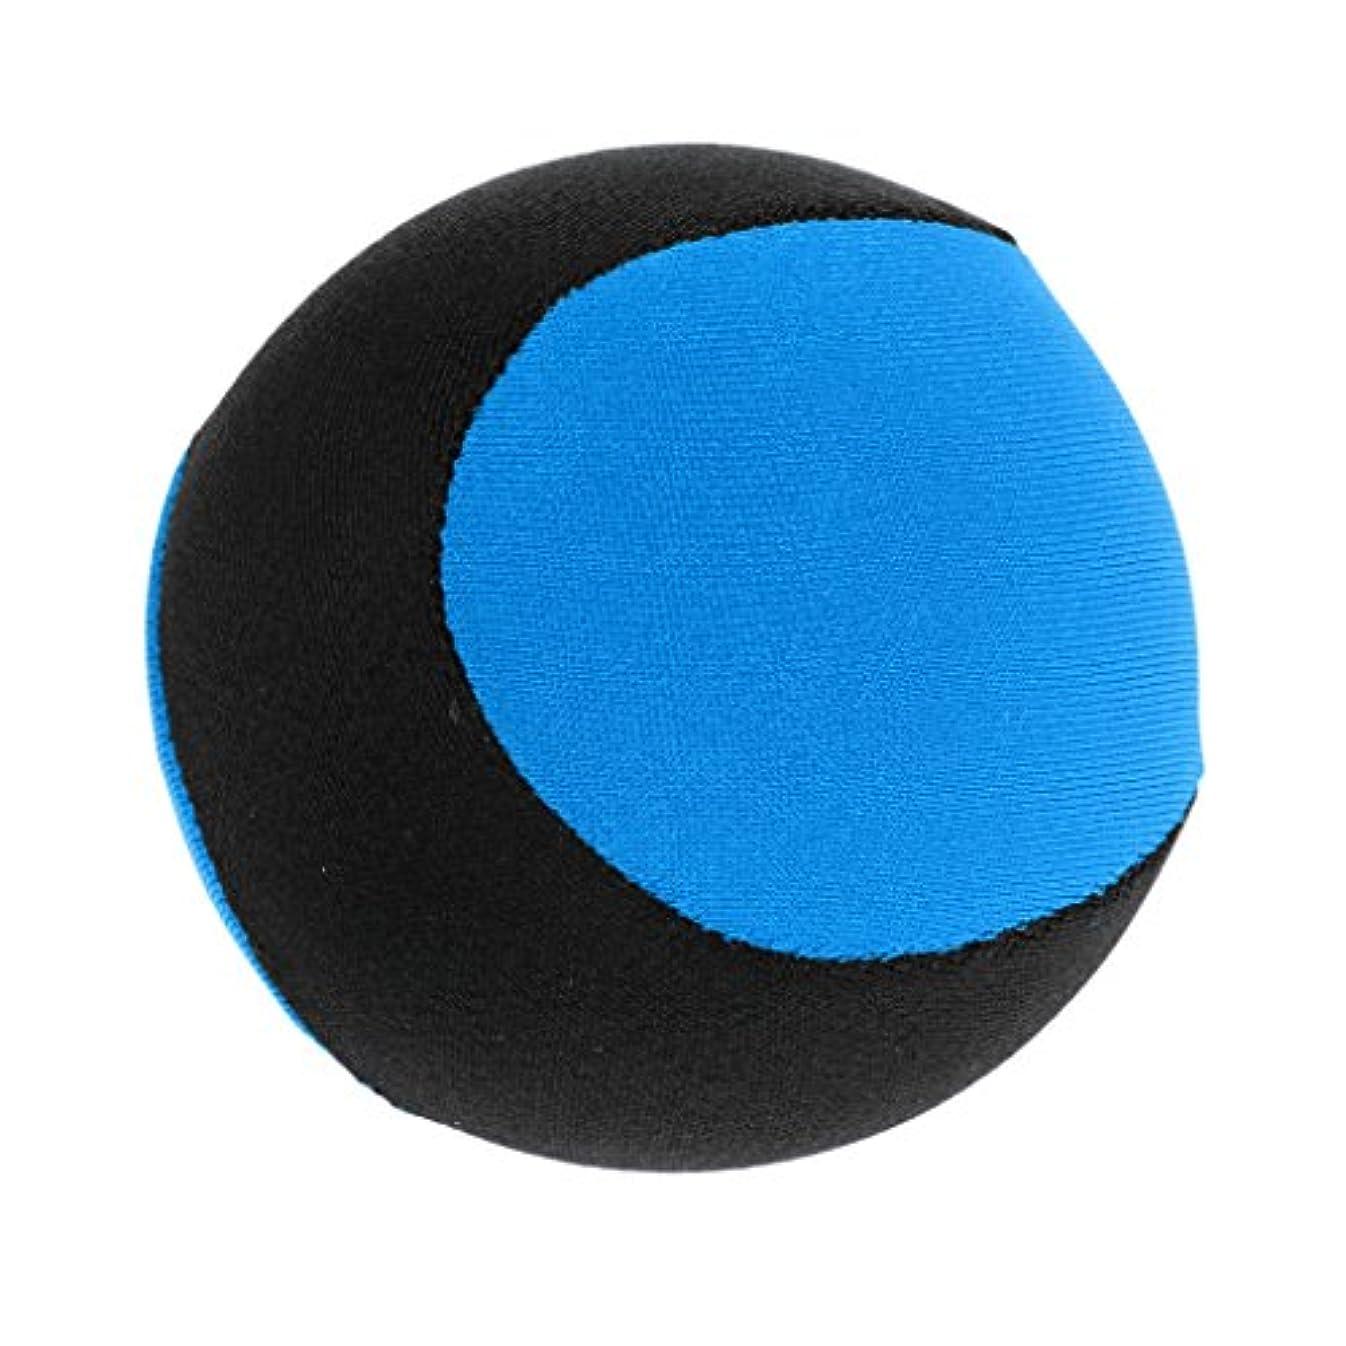 メキシコ快適馬力Perfk ボール サーフボール ウォーター バウンシングボール ジャンプ プレミアム シリコン ウォーター